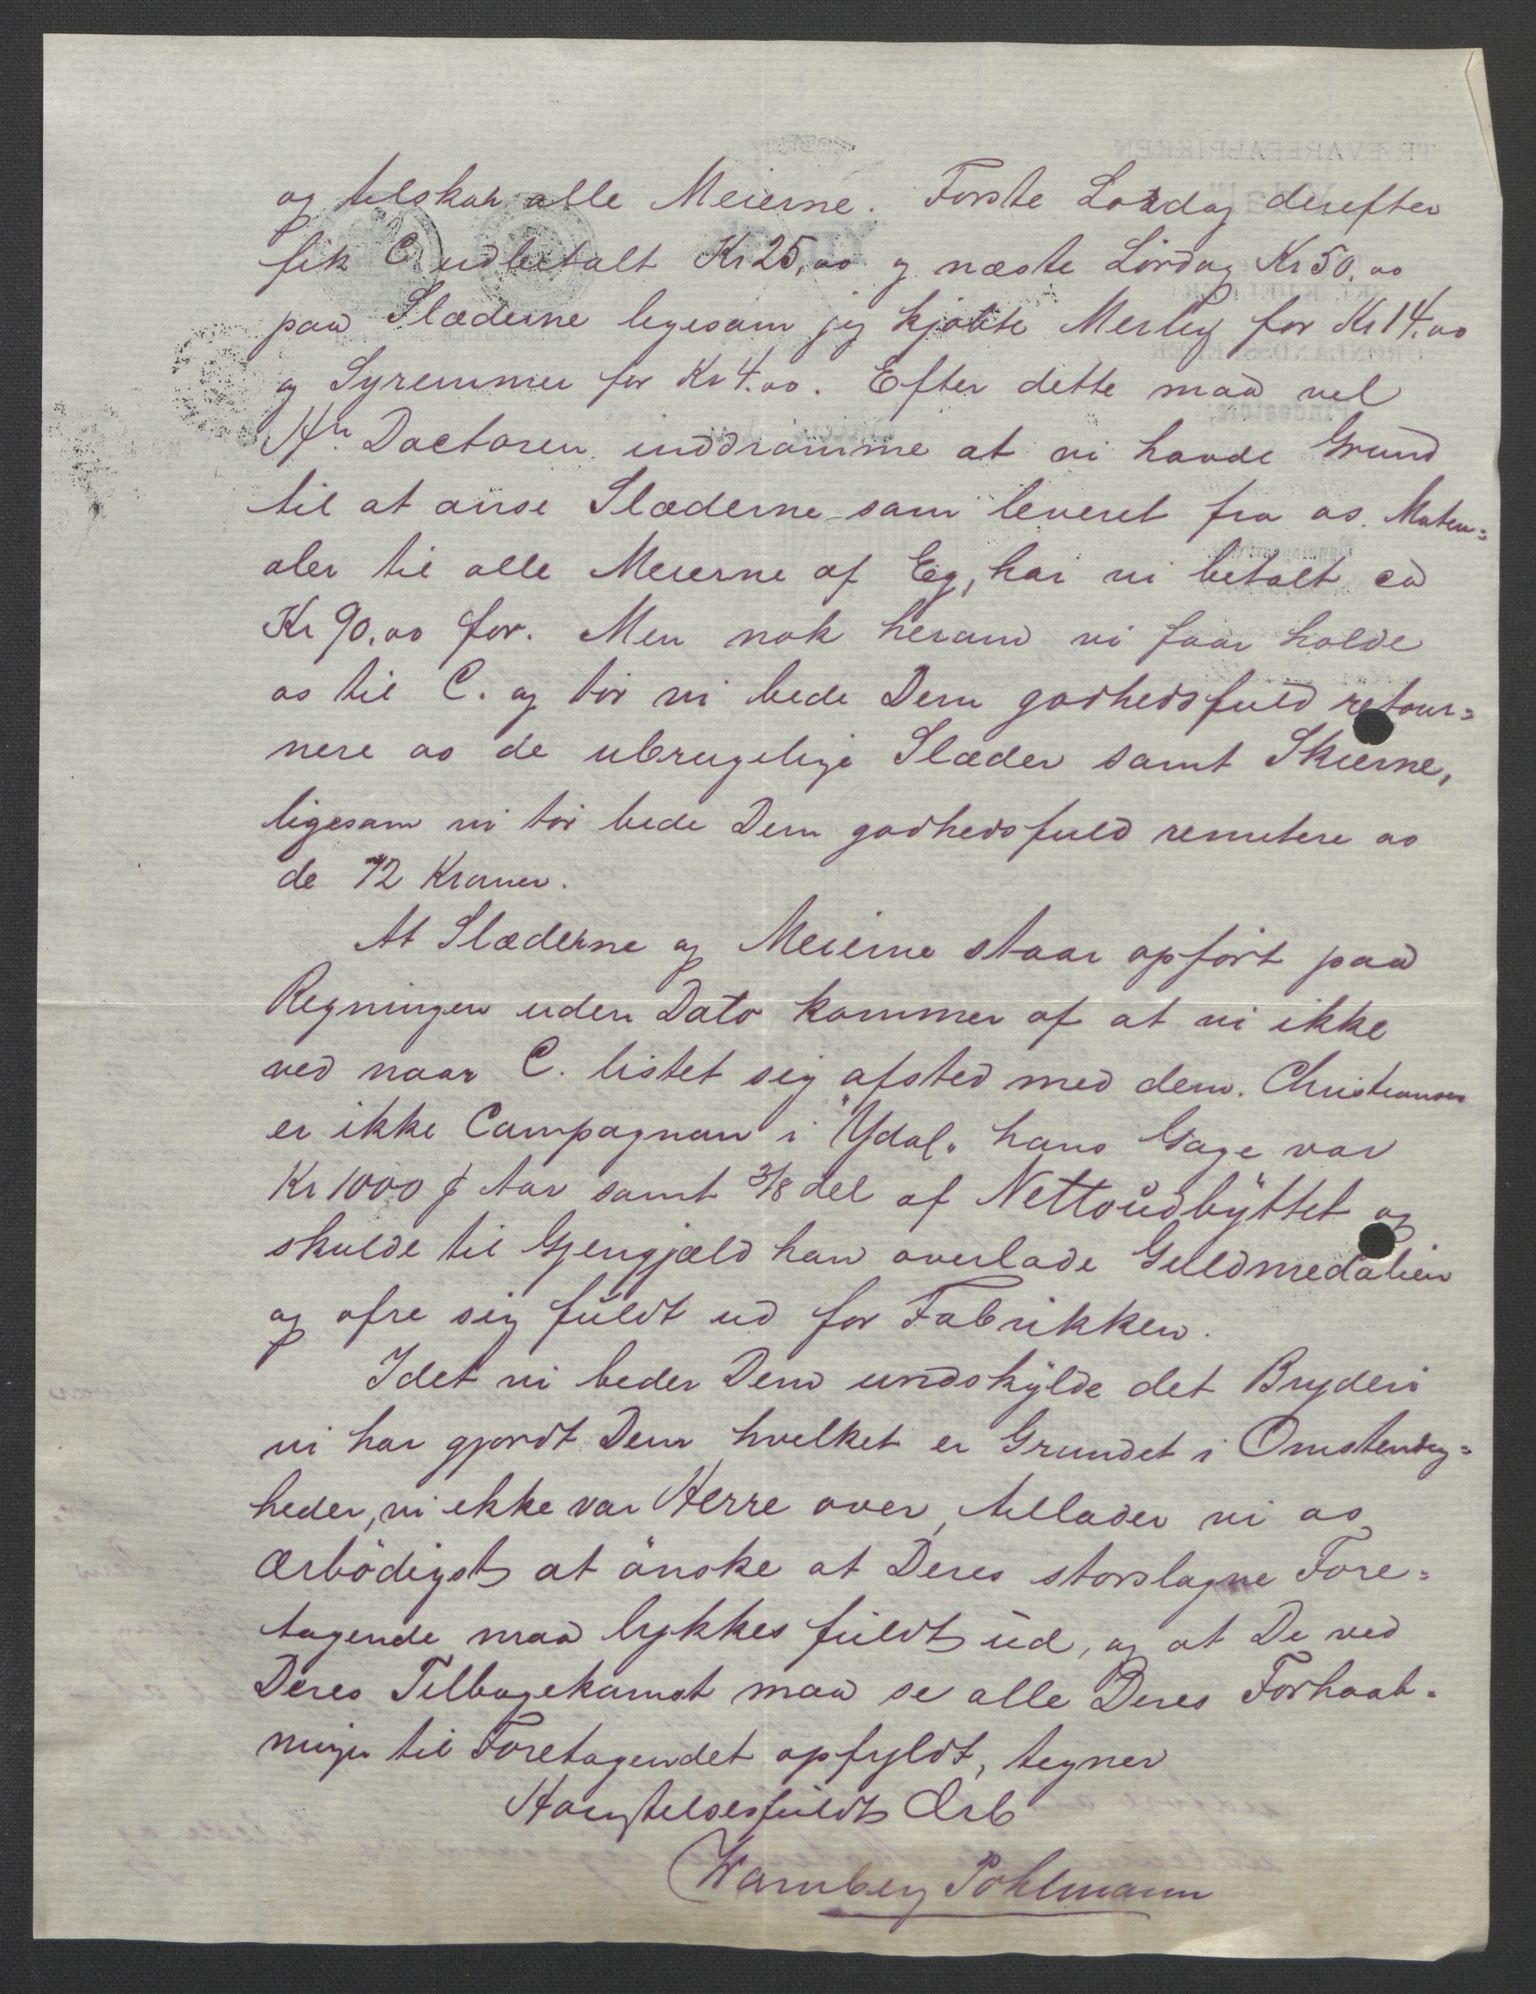 RA, Arbeidskomitéen for Fridtjof Nansens polarekspedisjon, D/L0003: Innk. brev og telegrammer vedr. proviant og utrustning, 1893, s. 393